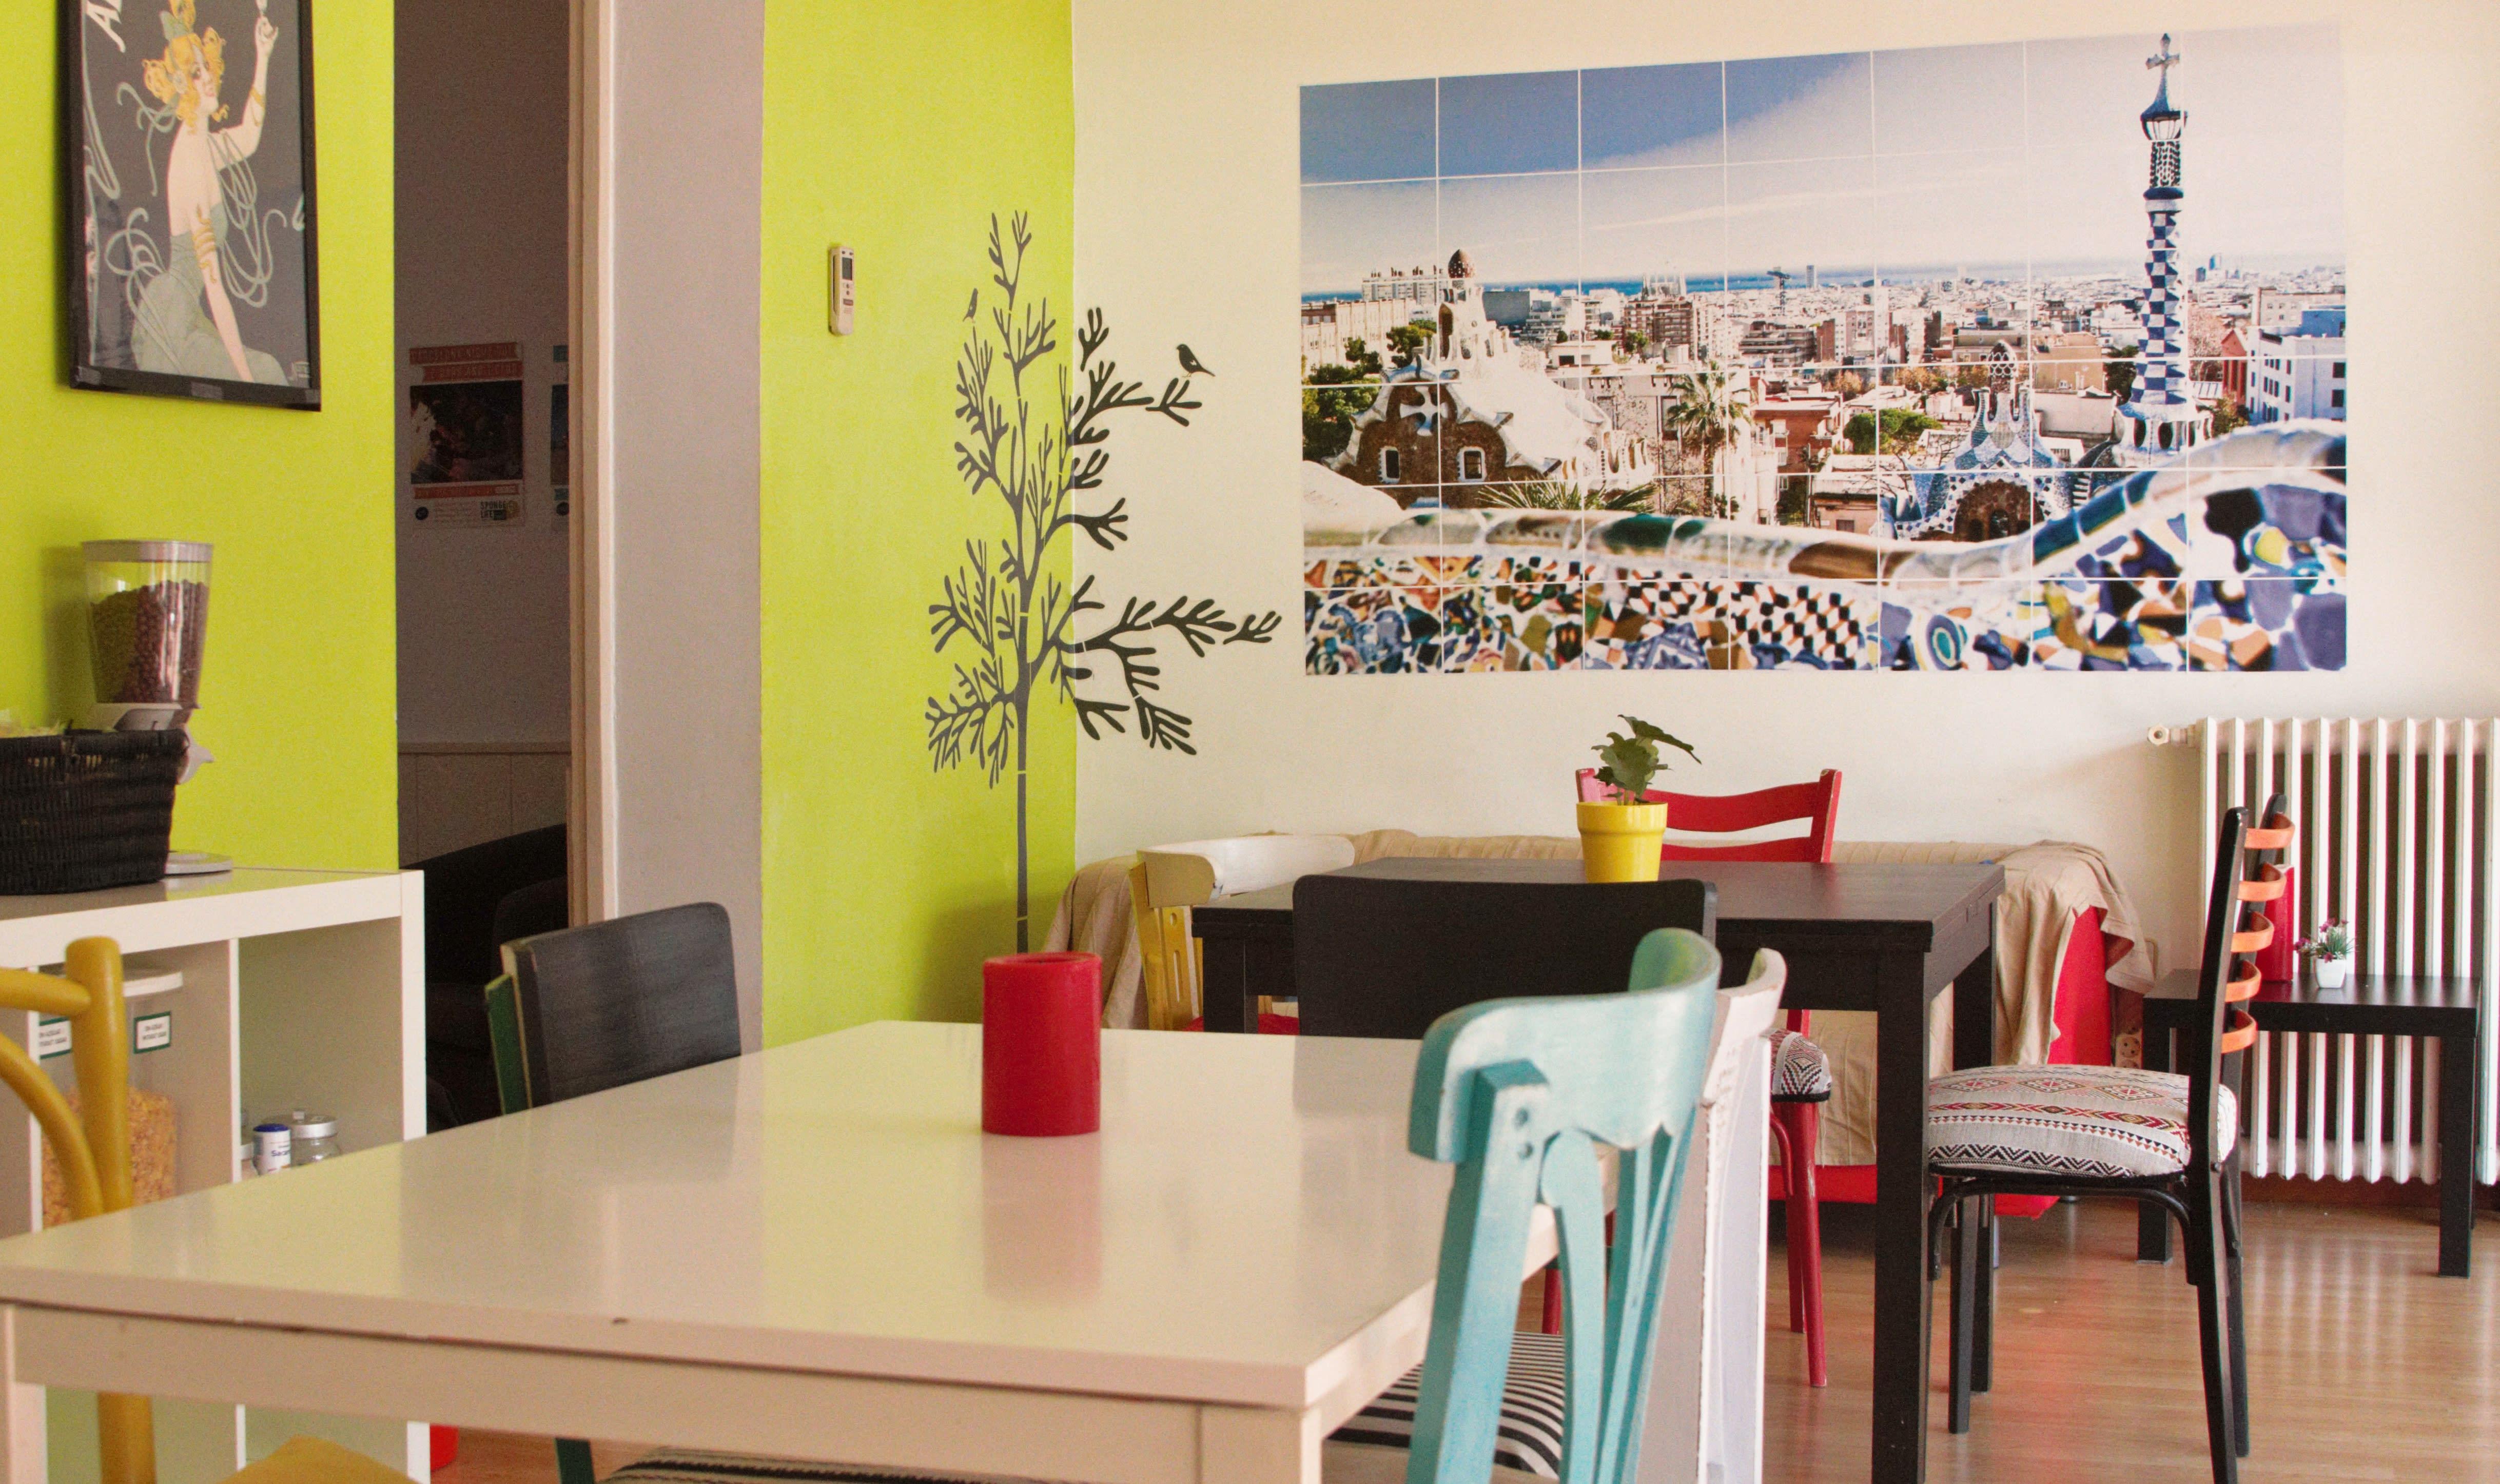 HOSTEL - Fabrizzios Terrace Youth Hostel